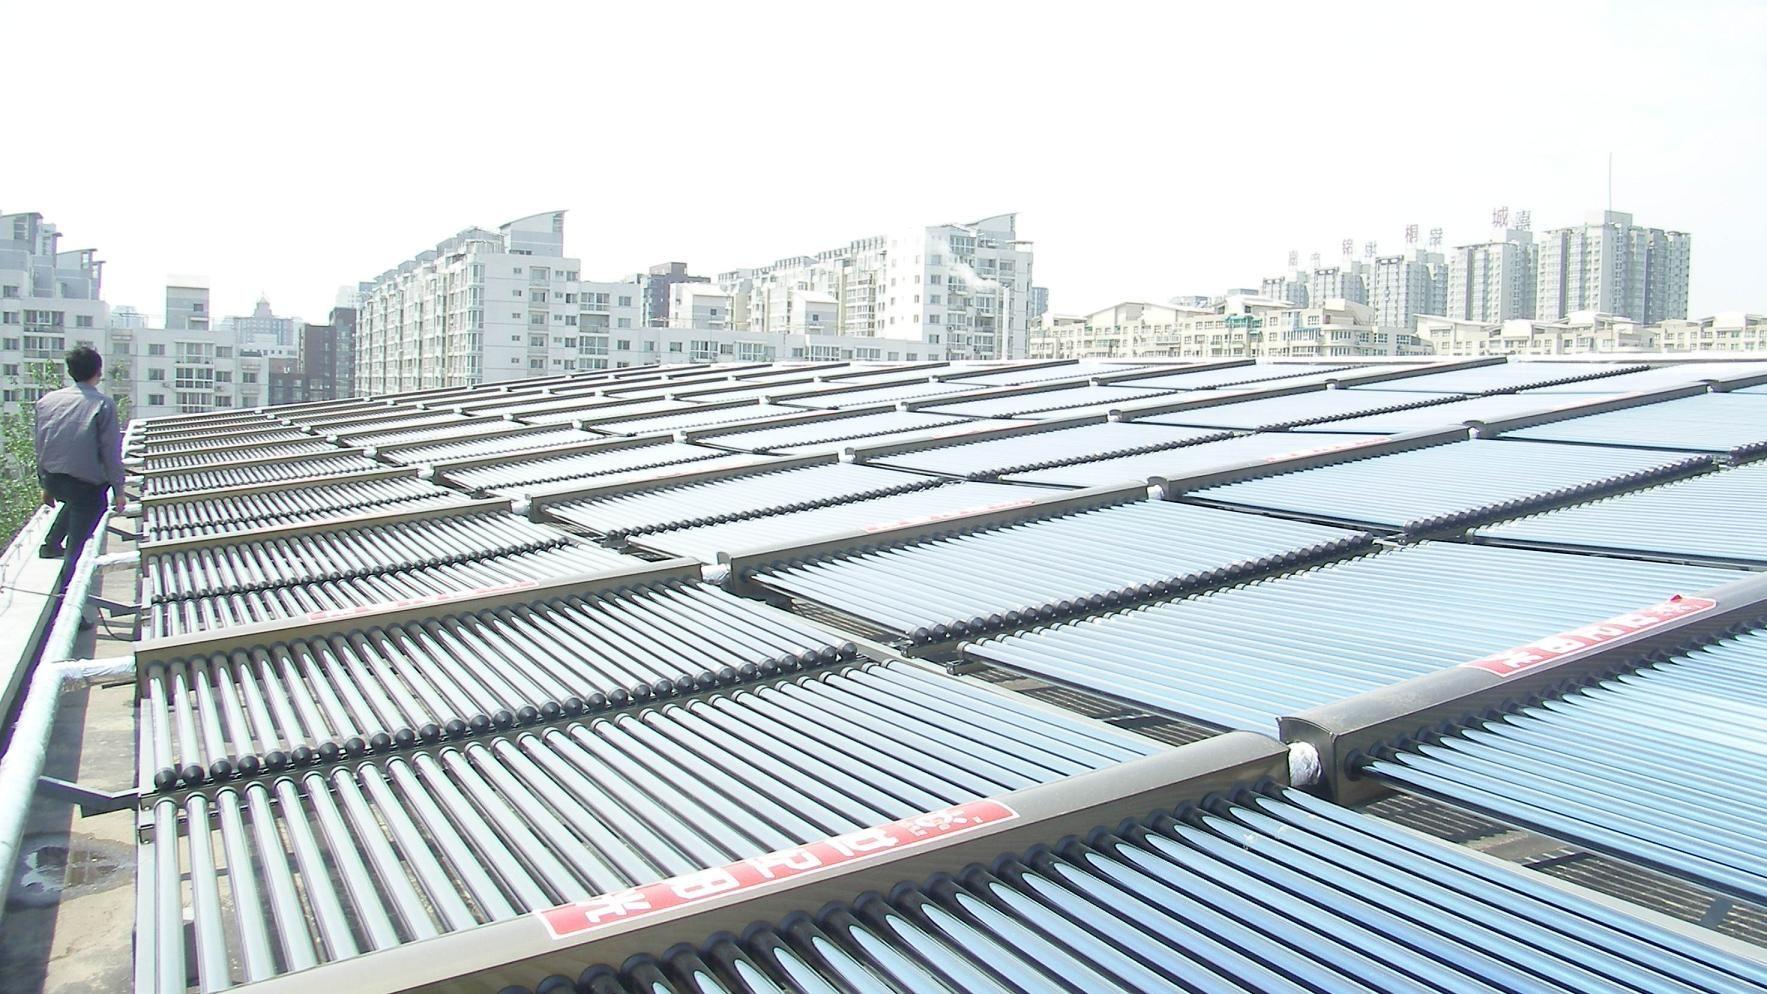 山东泰安北大阳光太阳能网站,太阳能代理厂家,... - 中国供应商